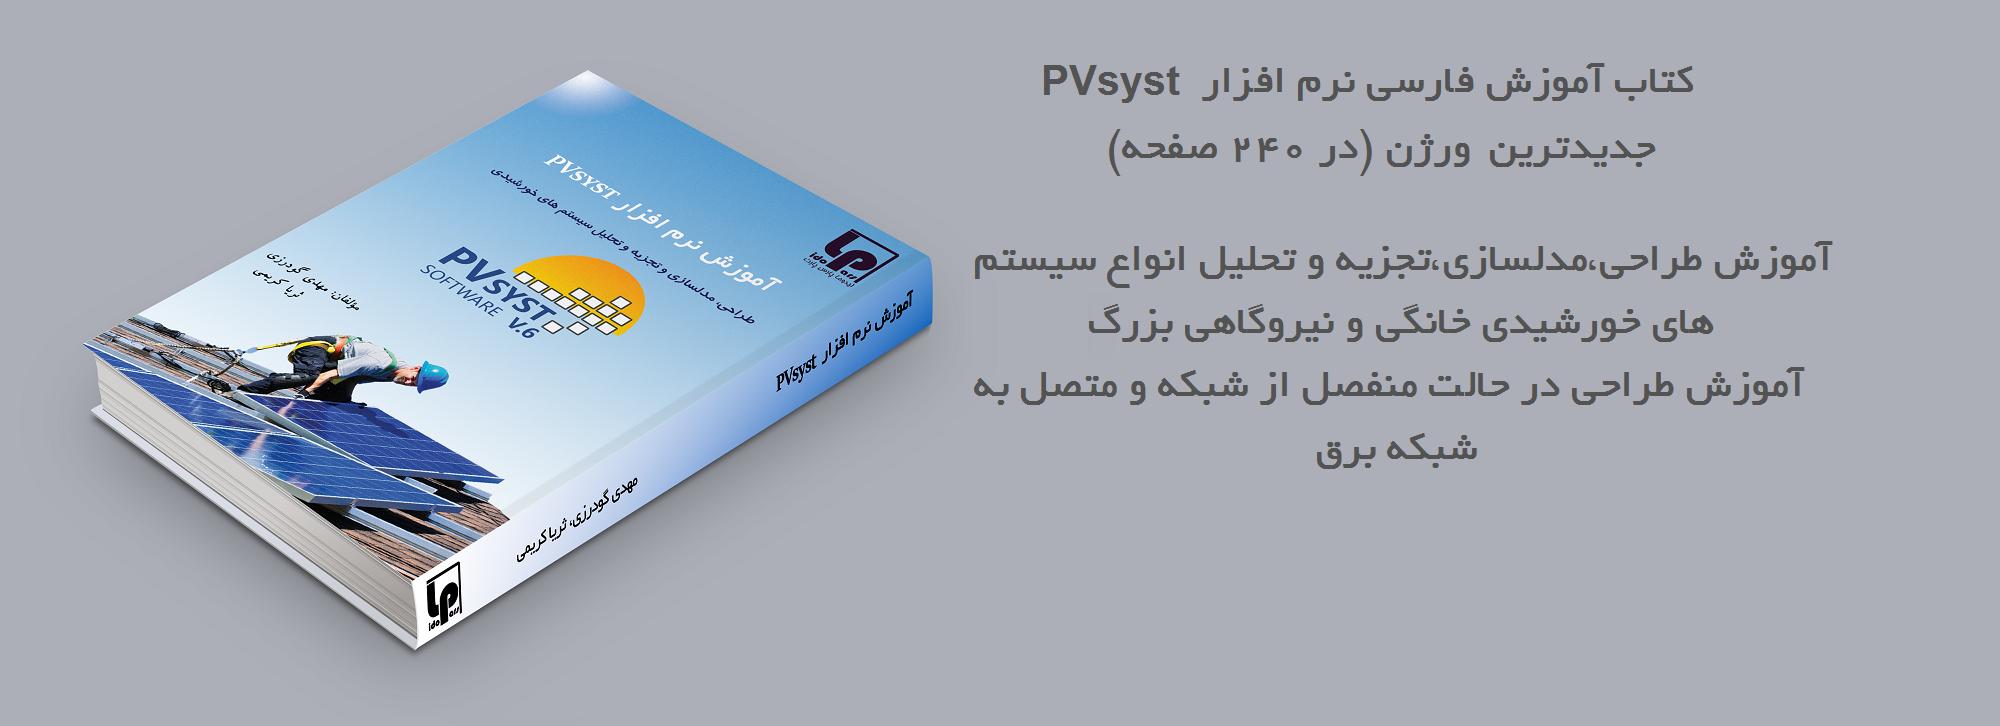 harcover-PVsyst6-mockup-p12312sd-1